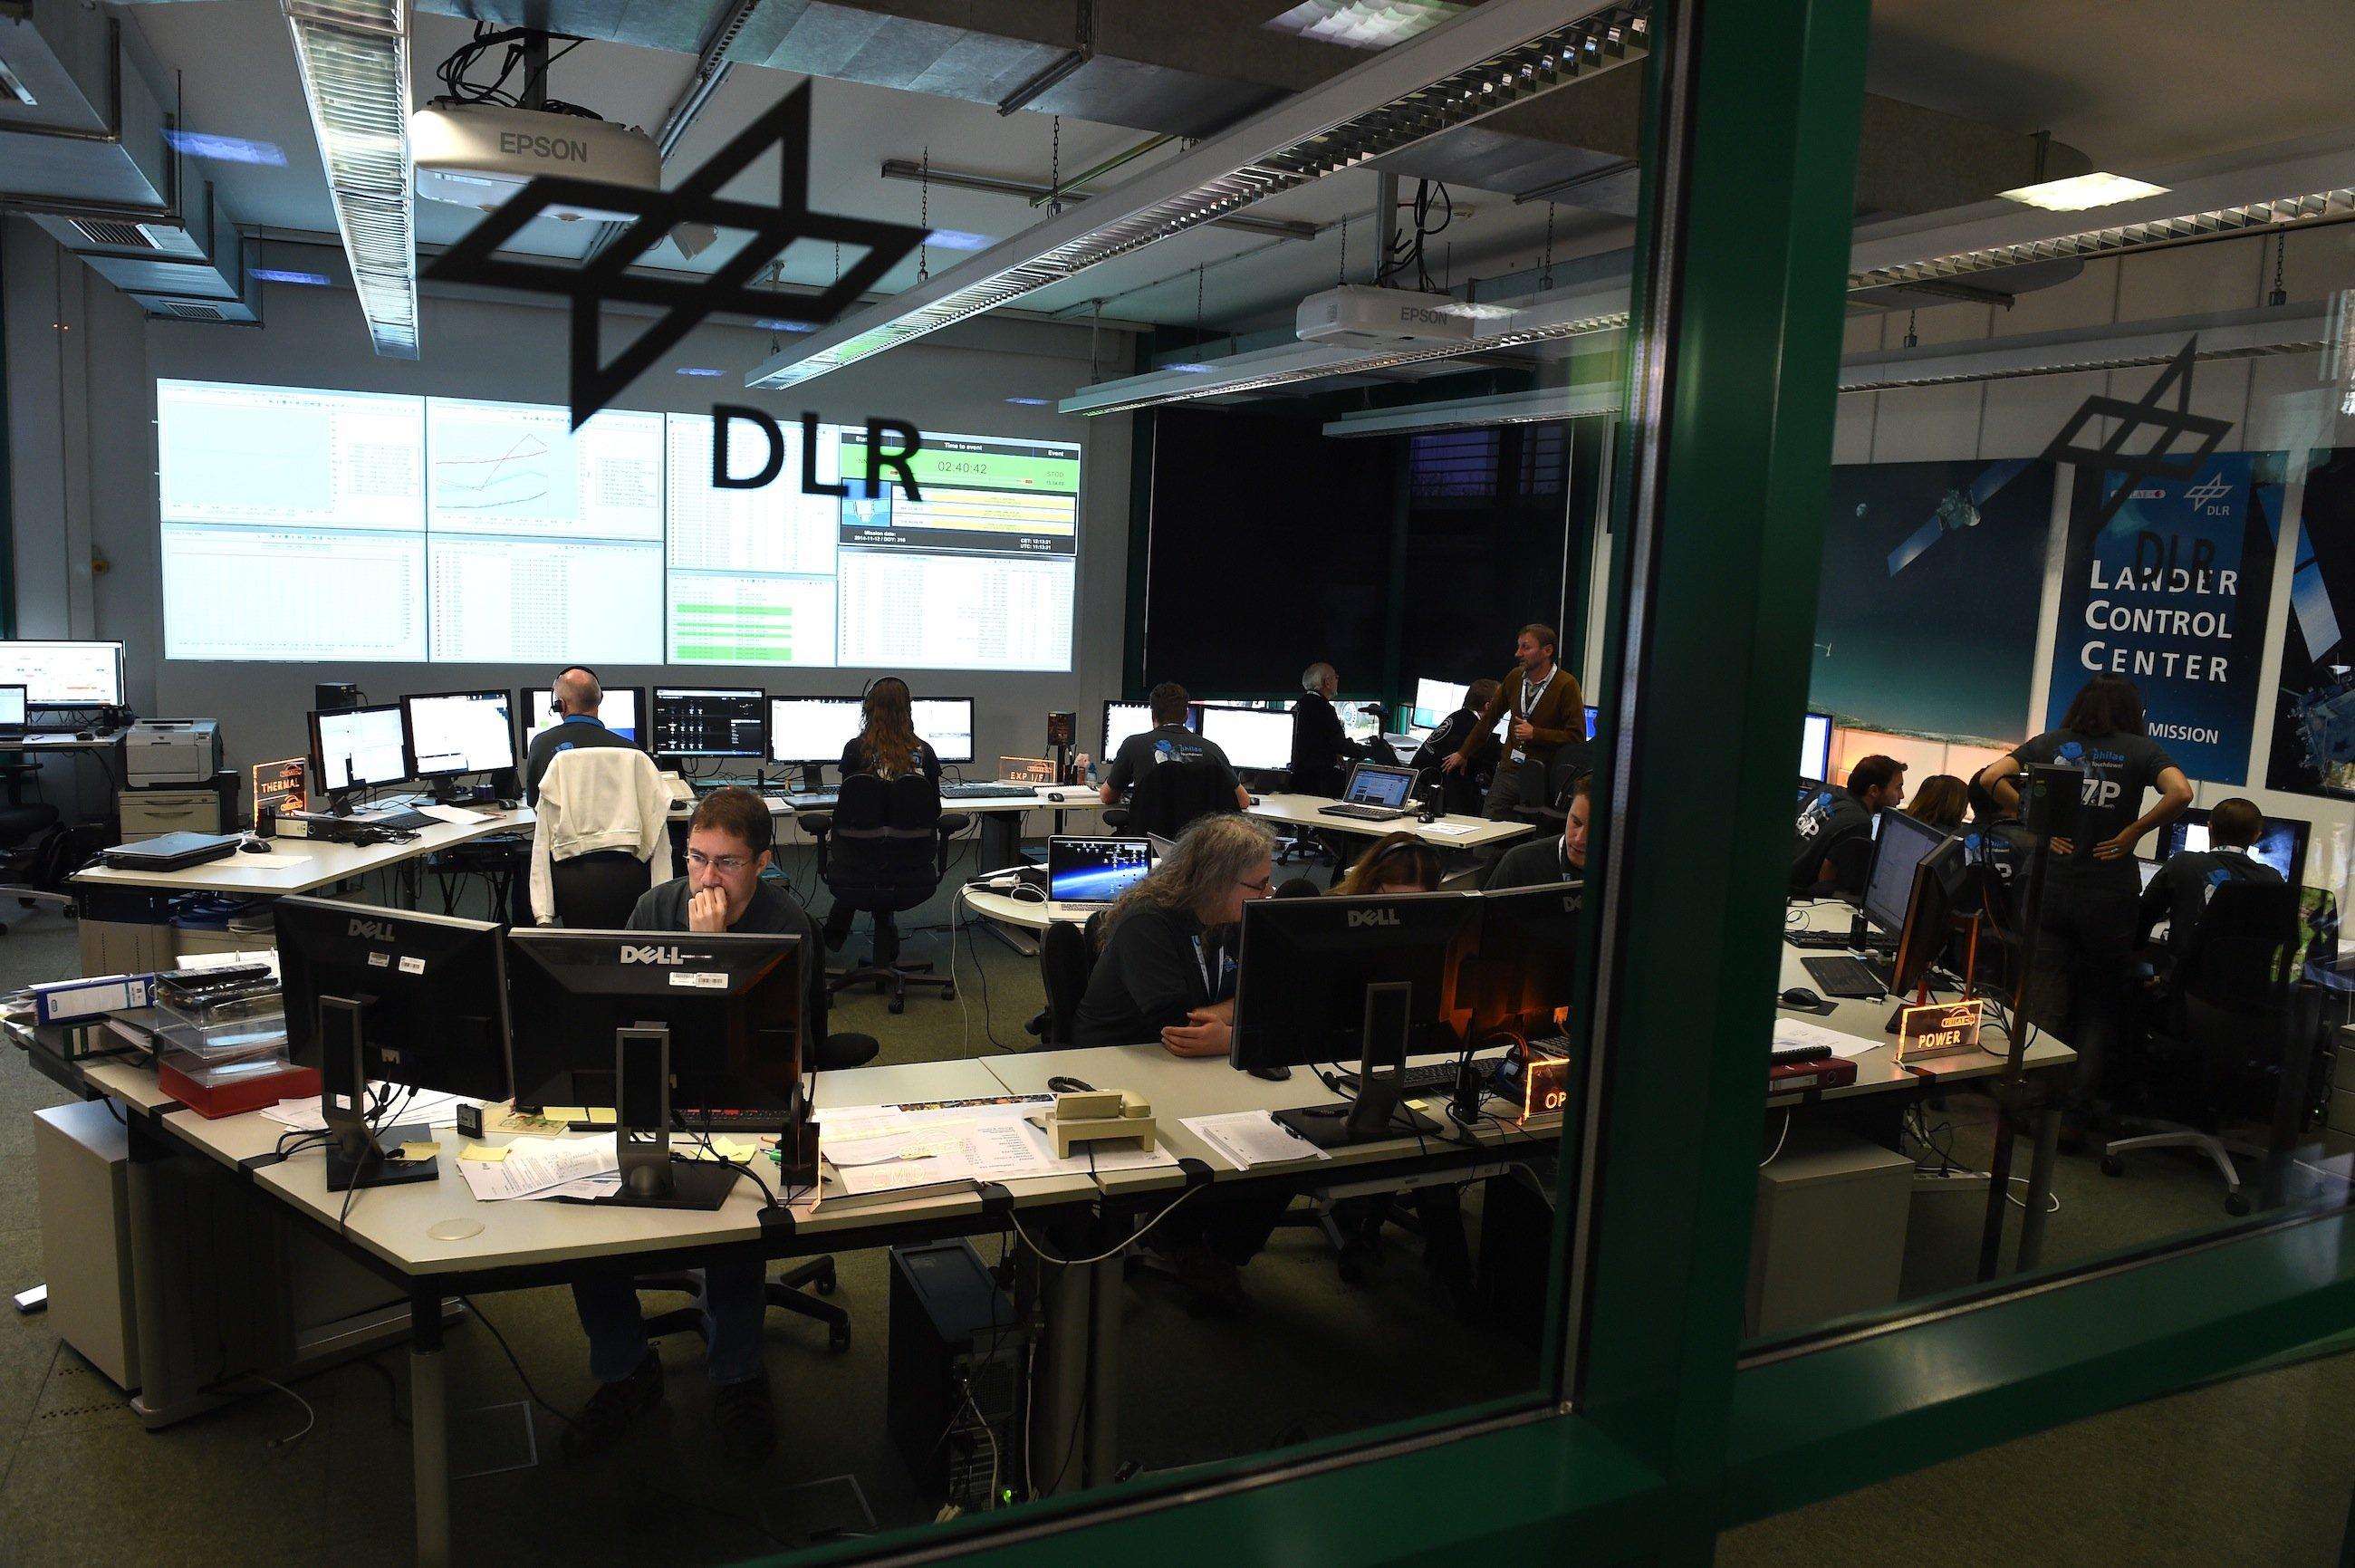 DLR-Kontrollzentrum in Köln: Von hier aus wird die Rosetta-Mission gesteuert.